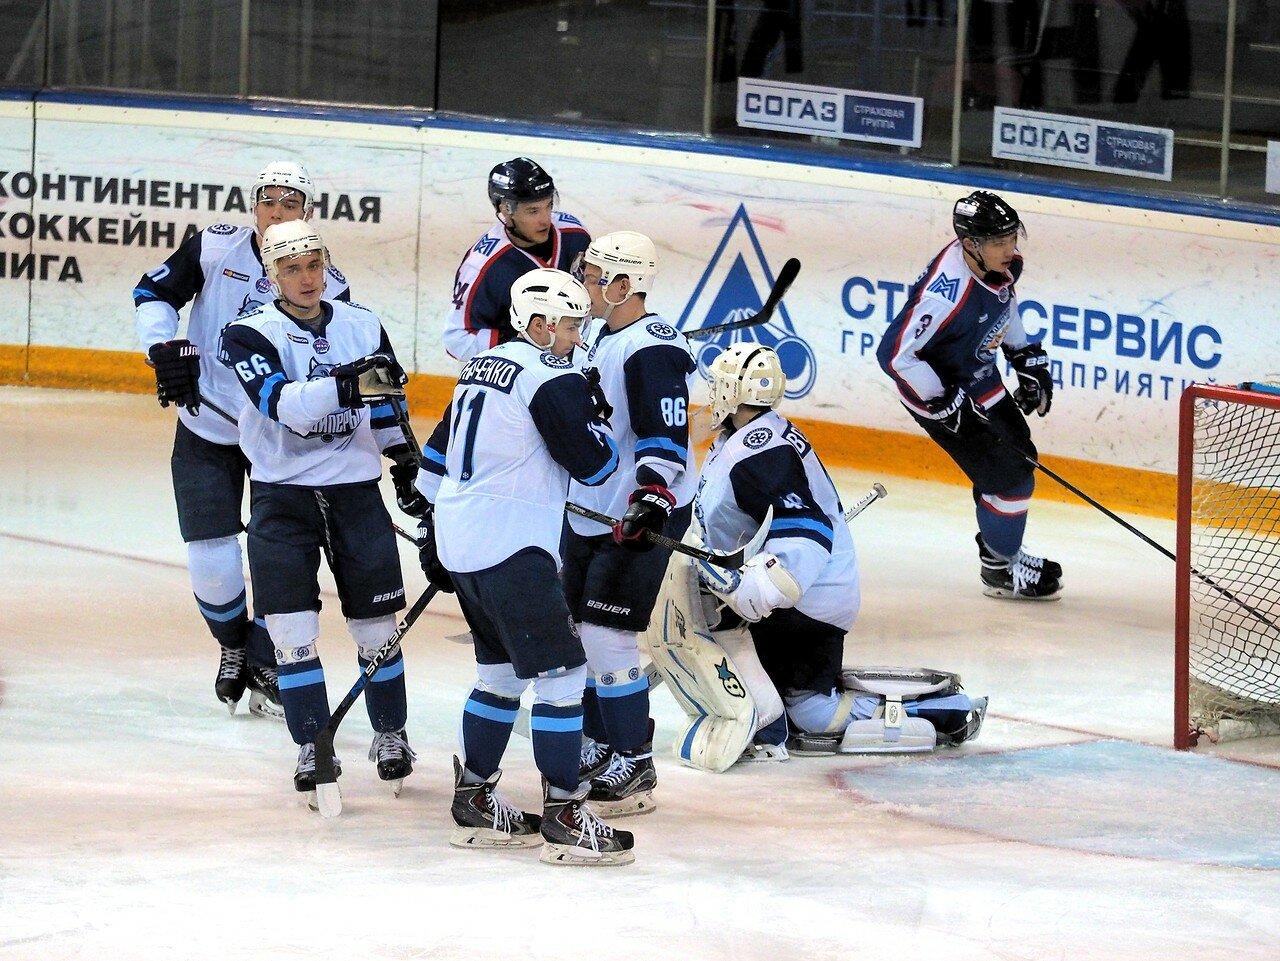 9 Стальные Лисы - Сибирские Снайперы 12.03.2017